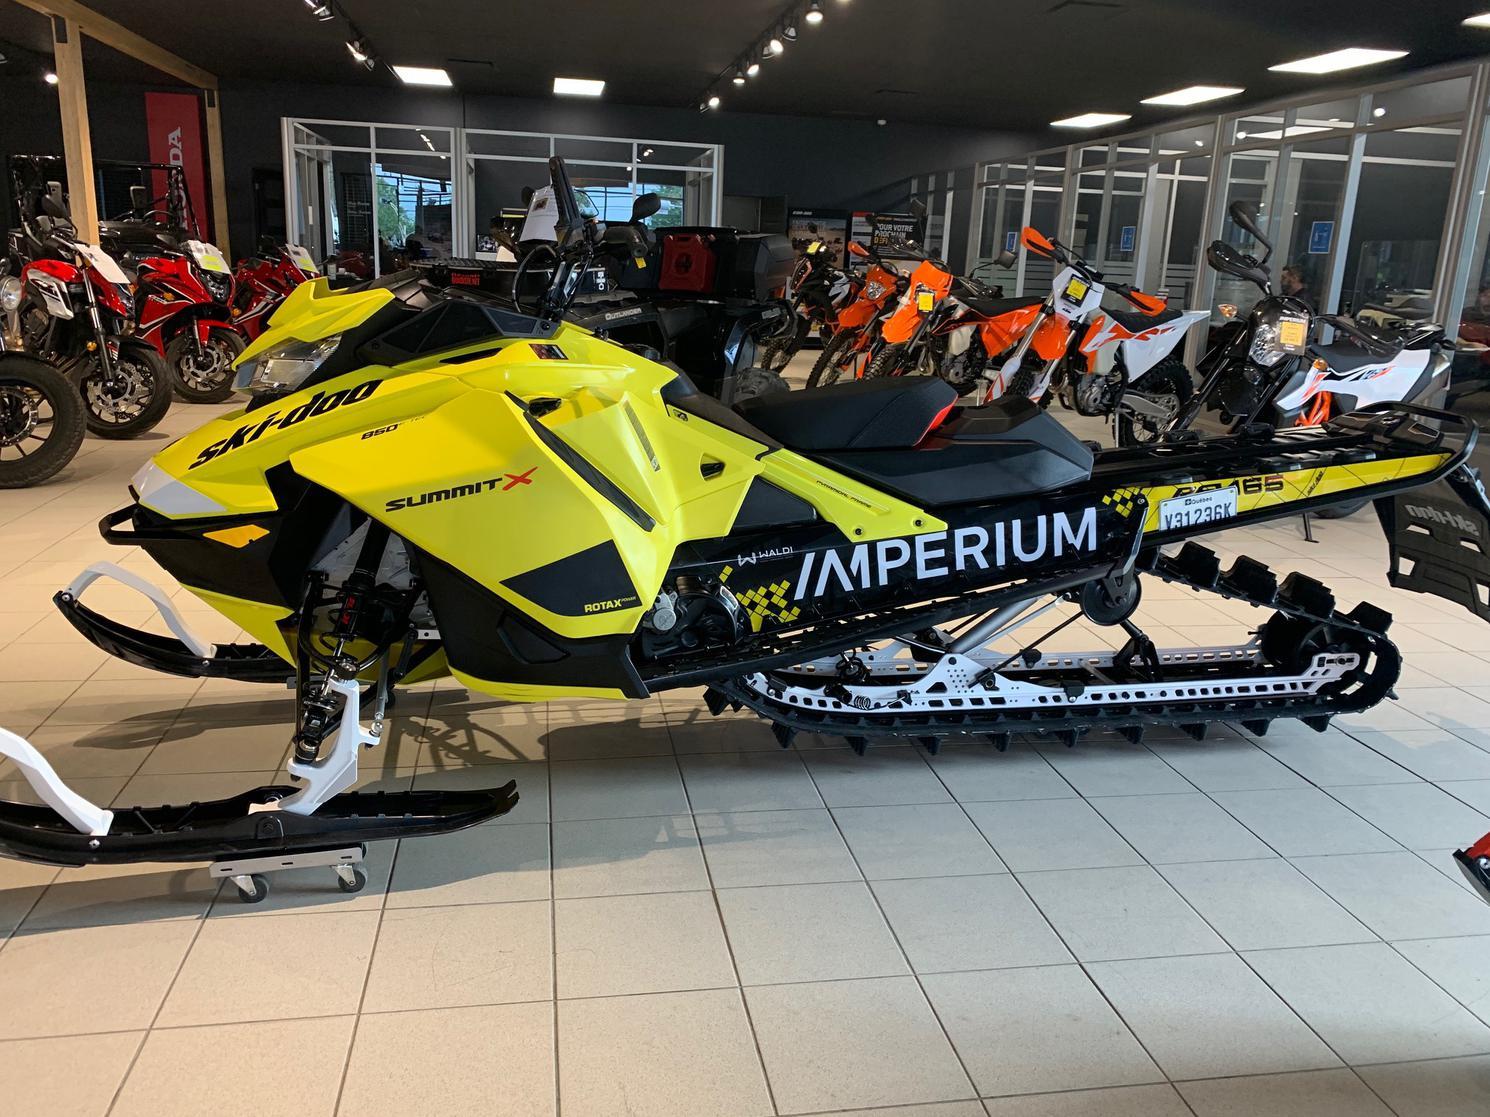 INS00050 Ski-Doo SUMMIT X 850 ETEC 2020